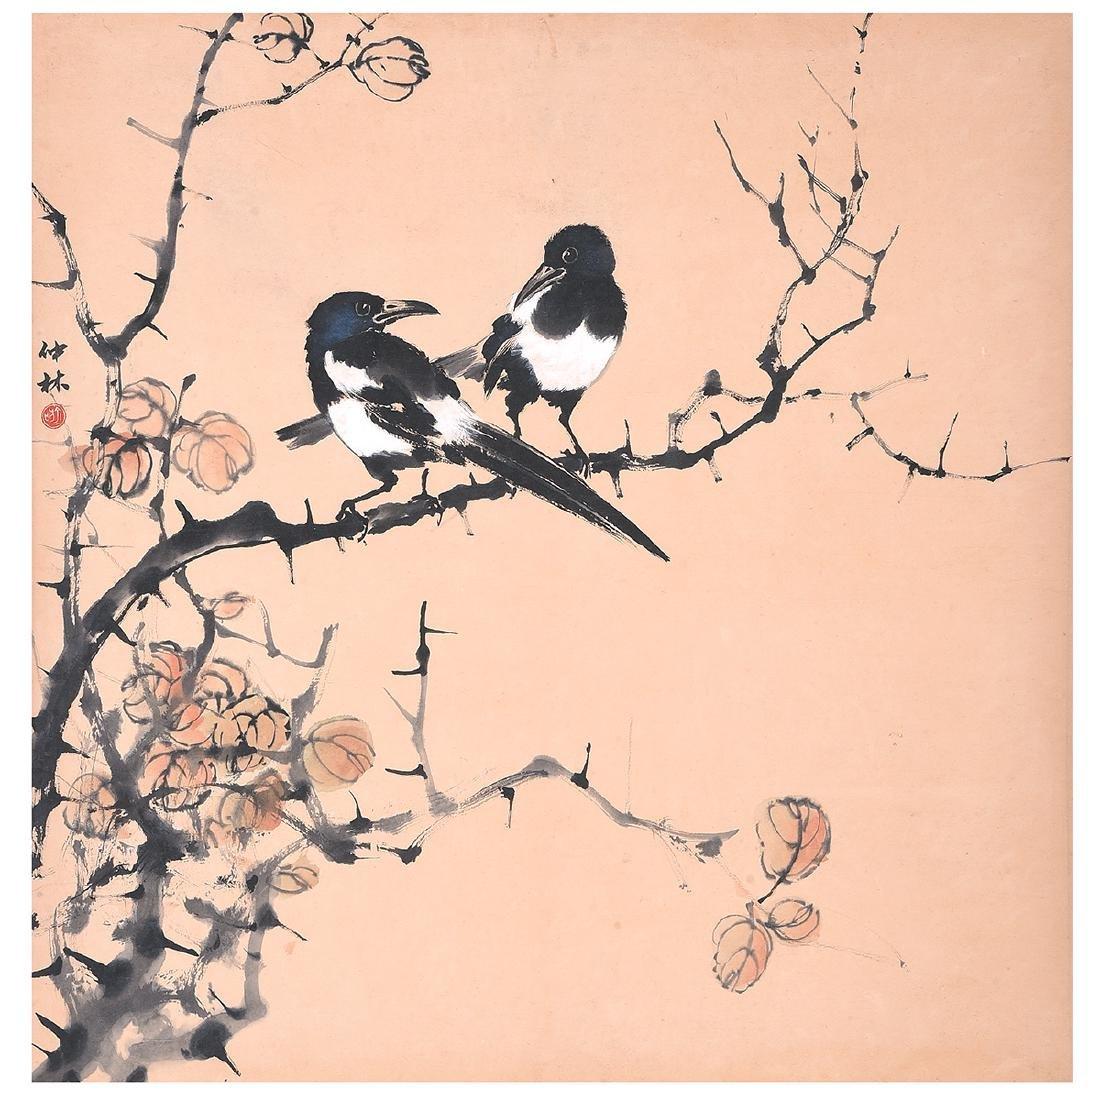 Yu Zhonglin (1925-1985): Magpies